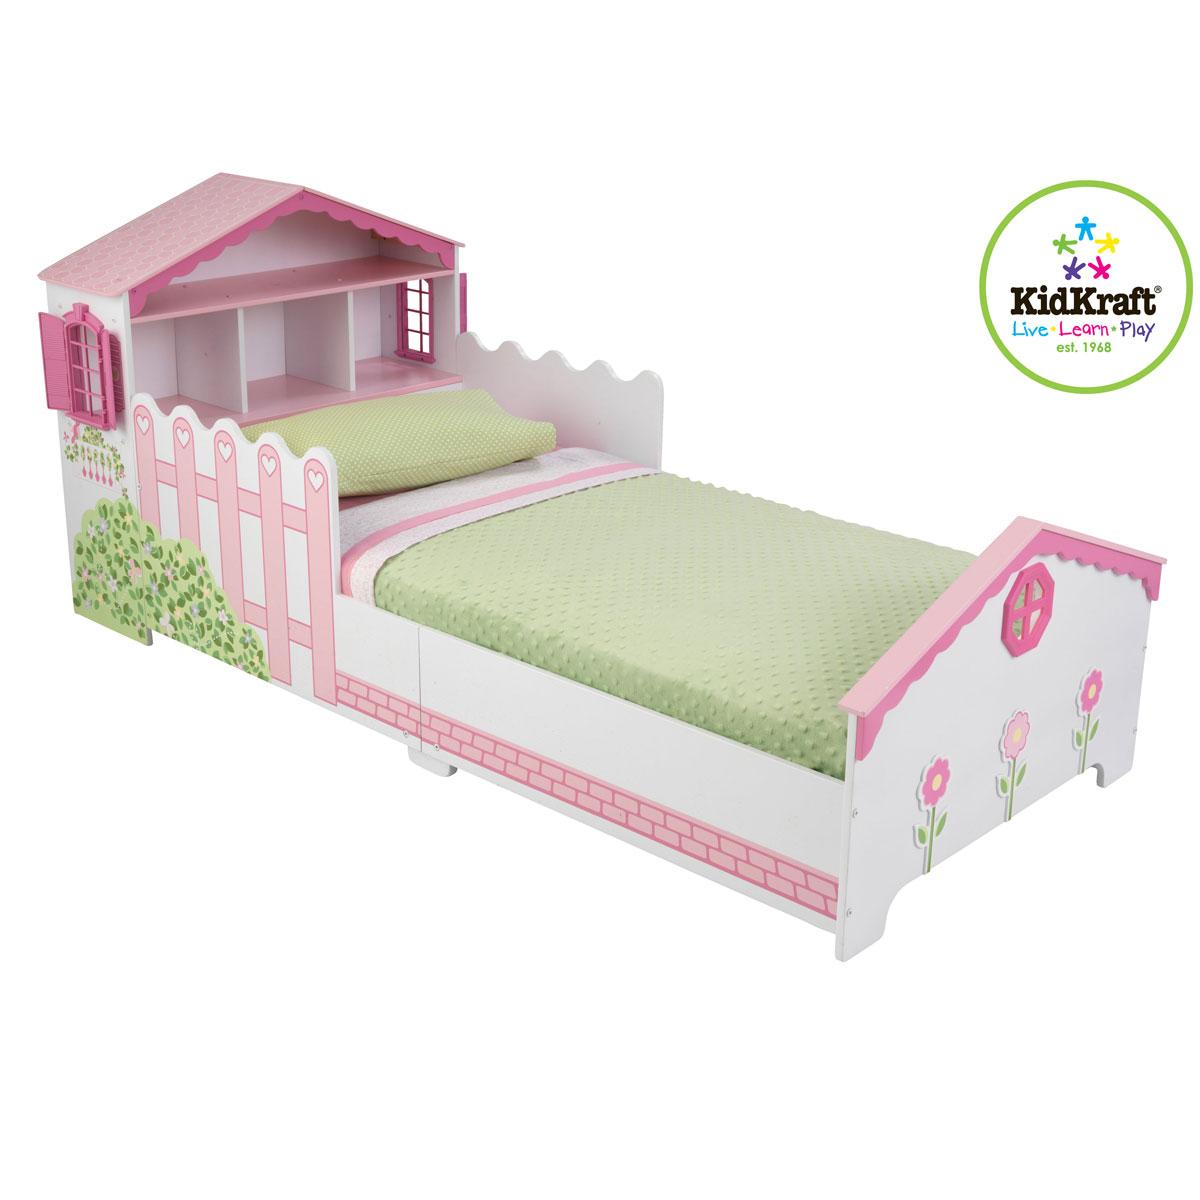 Kidkraft 76255 letto primi passi a forma di casa per bambole pirum - Letto a forma di peluche ...